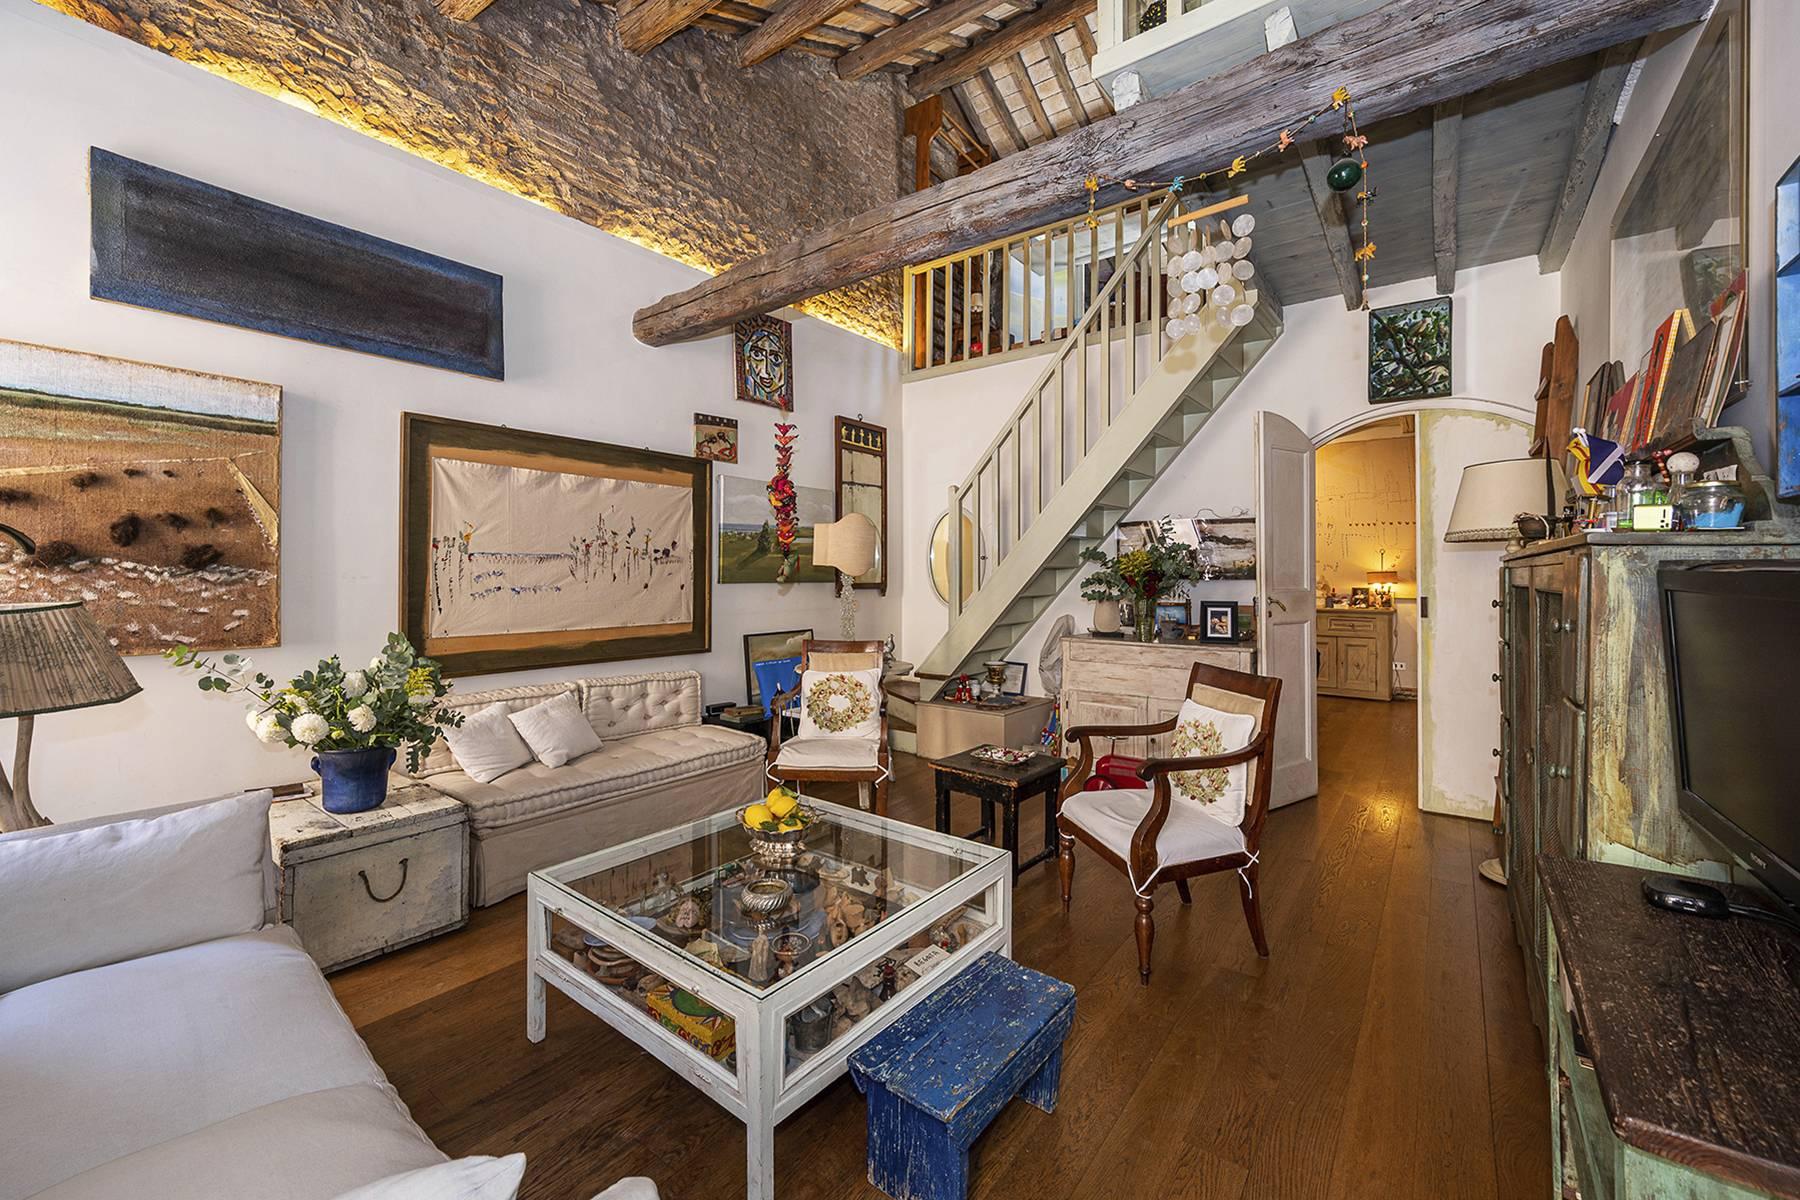 Casa indipendente in Vendita a Roma: 5 locali, 200 mq - Foto 2